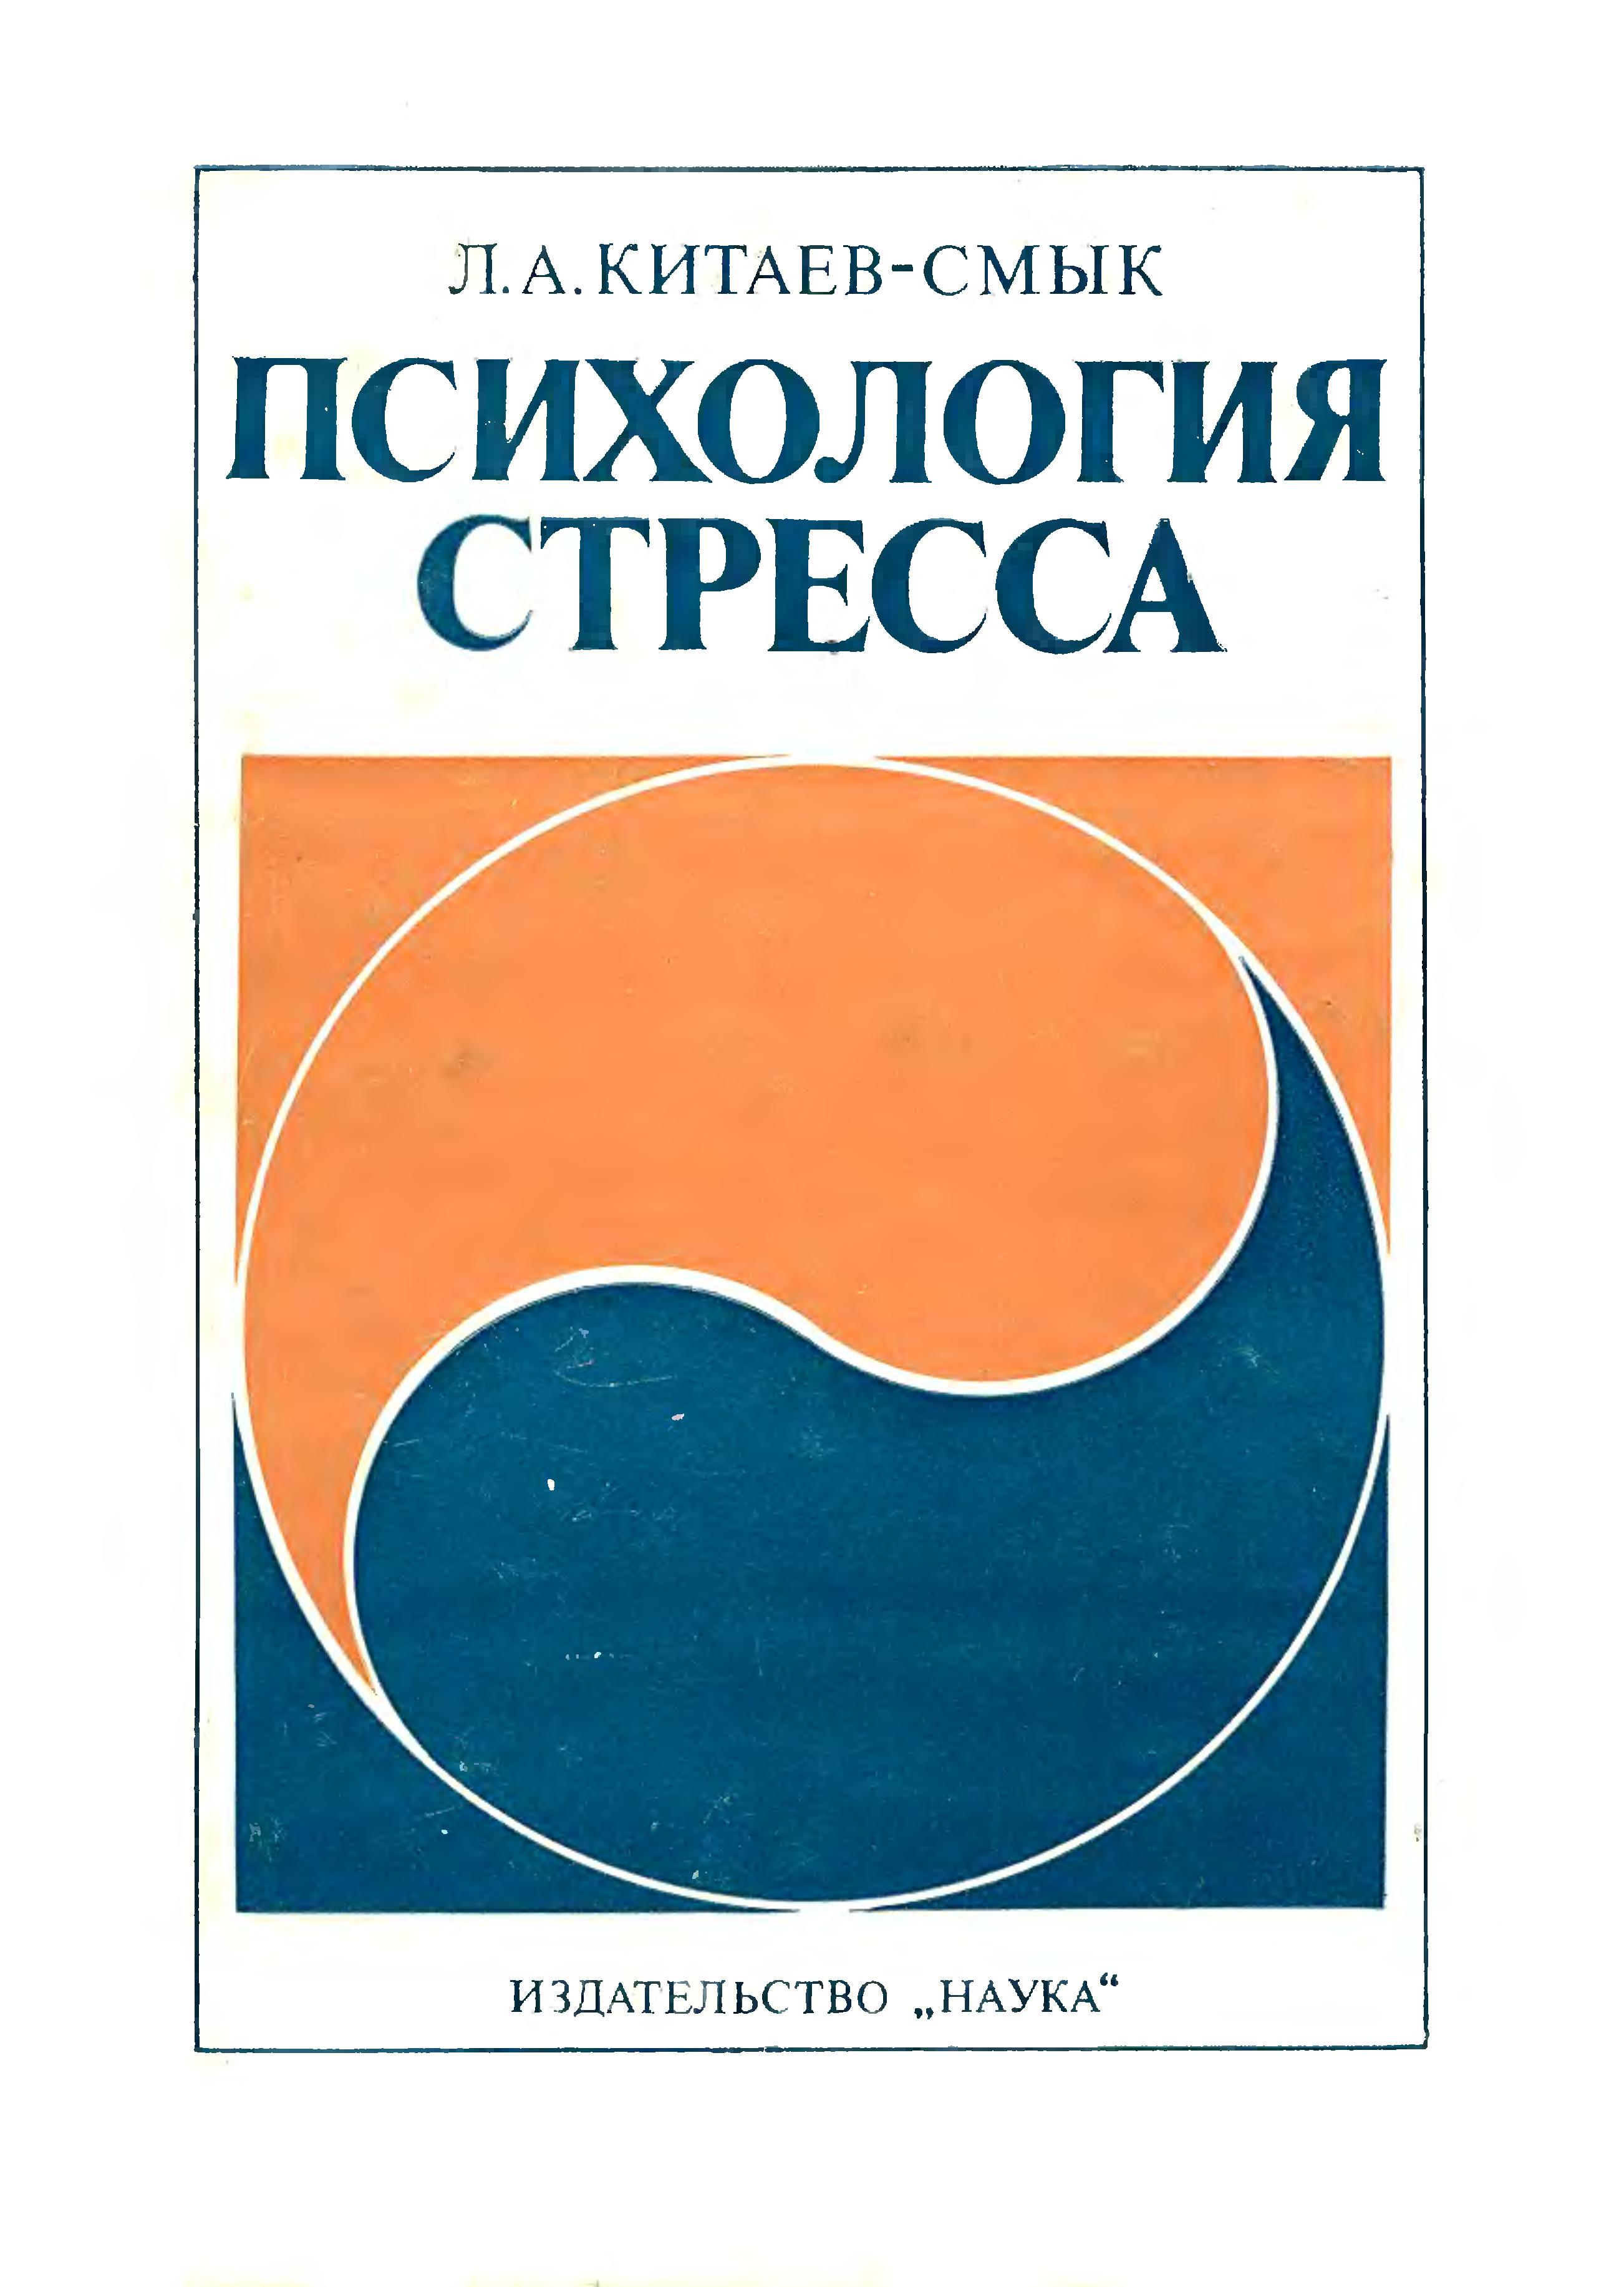 ПСИХОЛОГИЯ СТРЕССА КИТАЕВ-СМЫК СКАЧАТЬ БЕСПЛАТНО